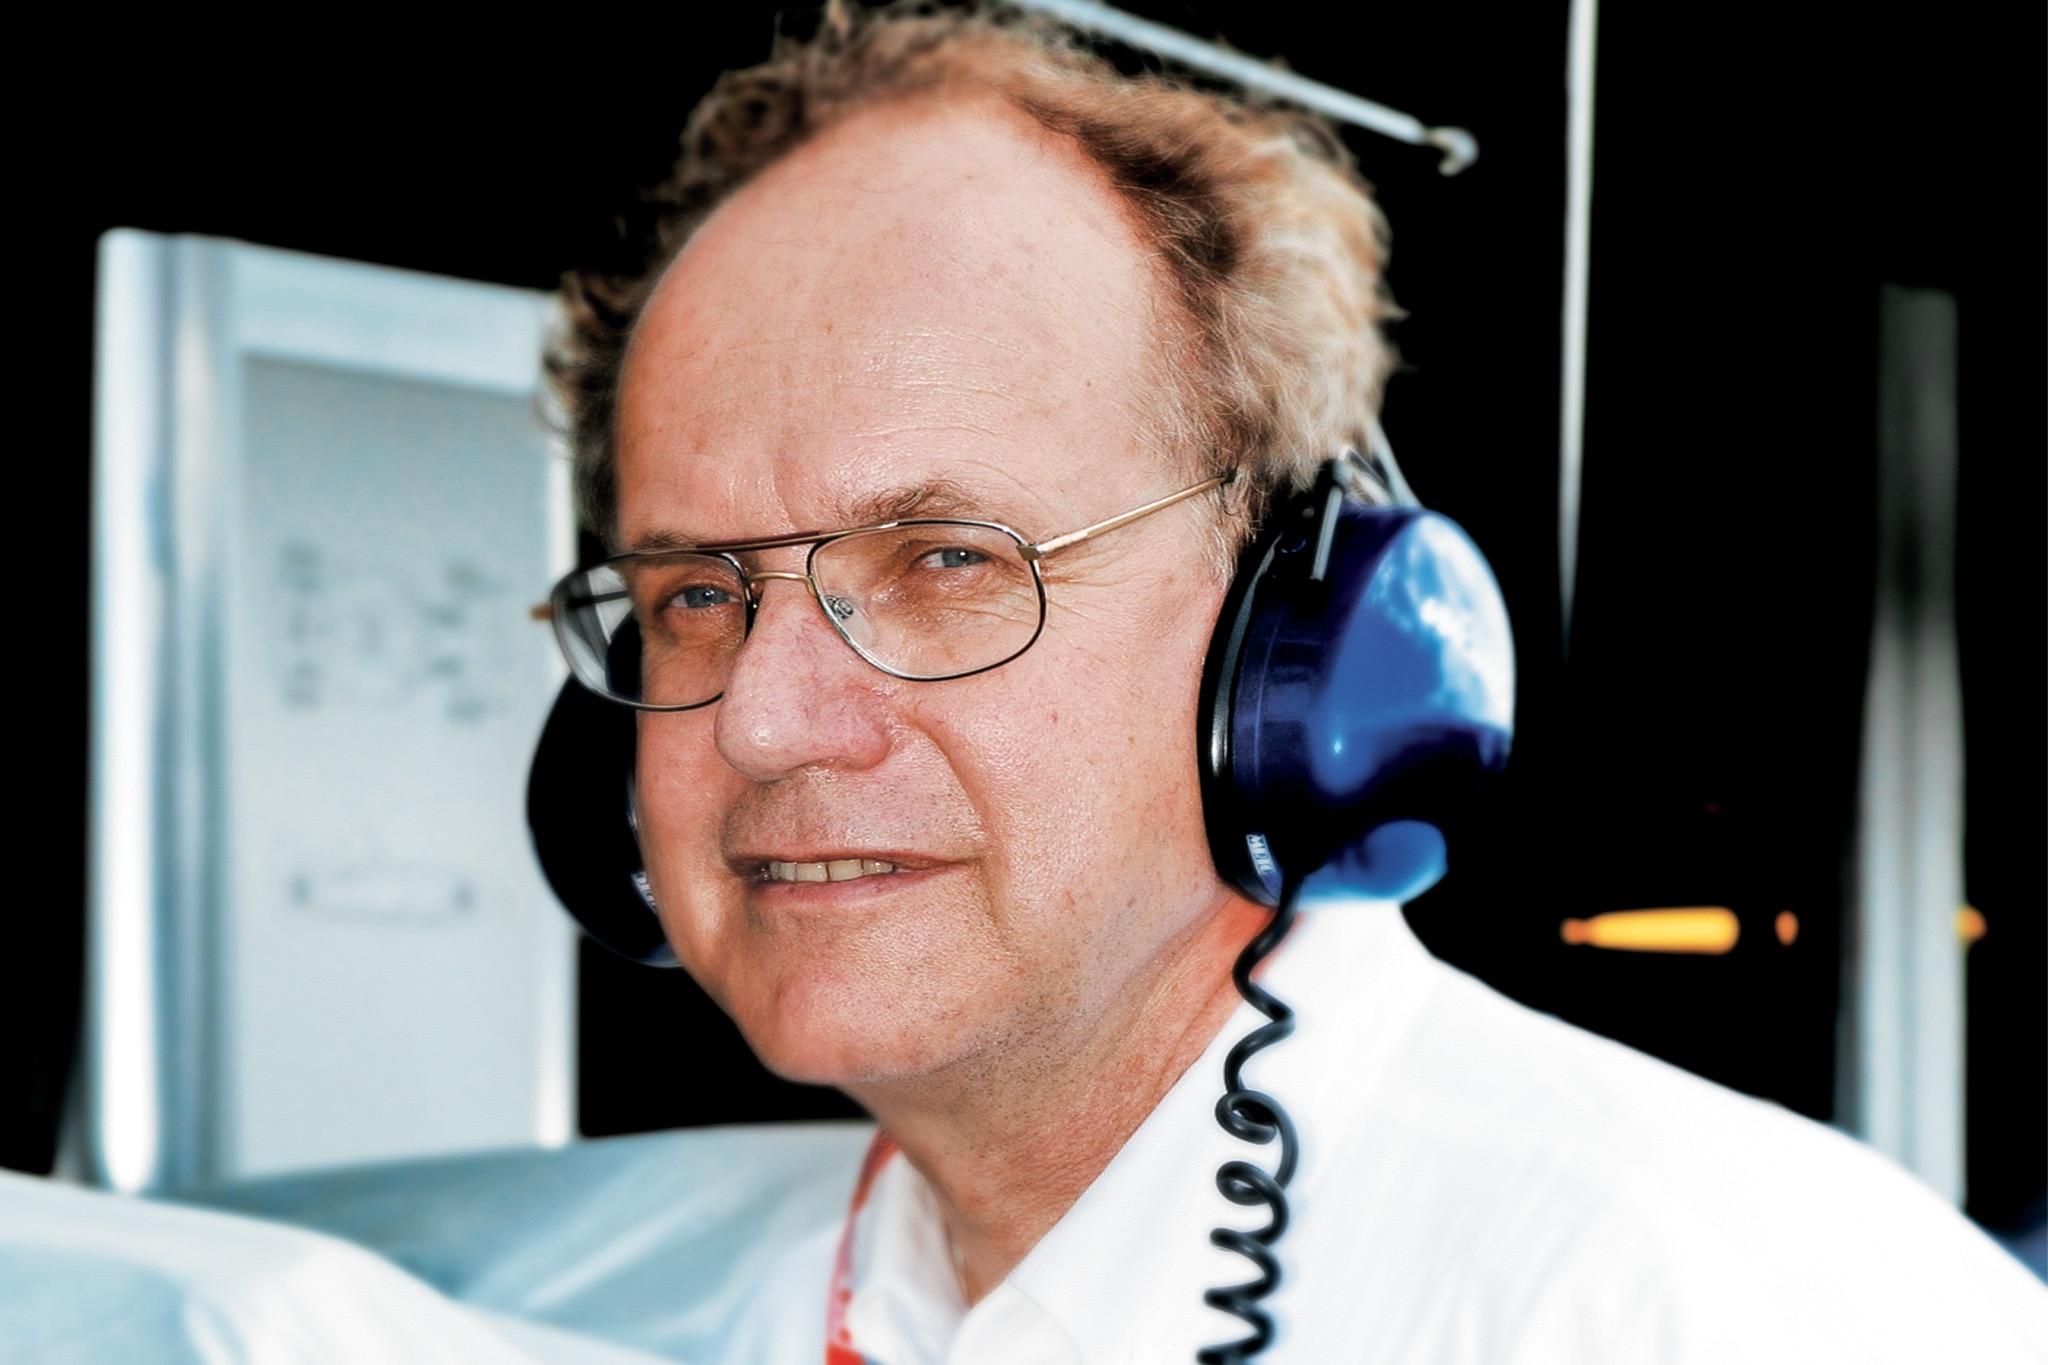 Burkhard Goeschel